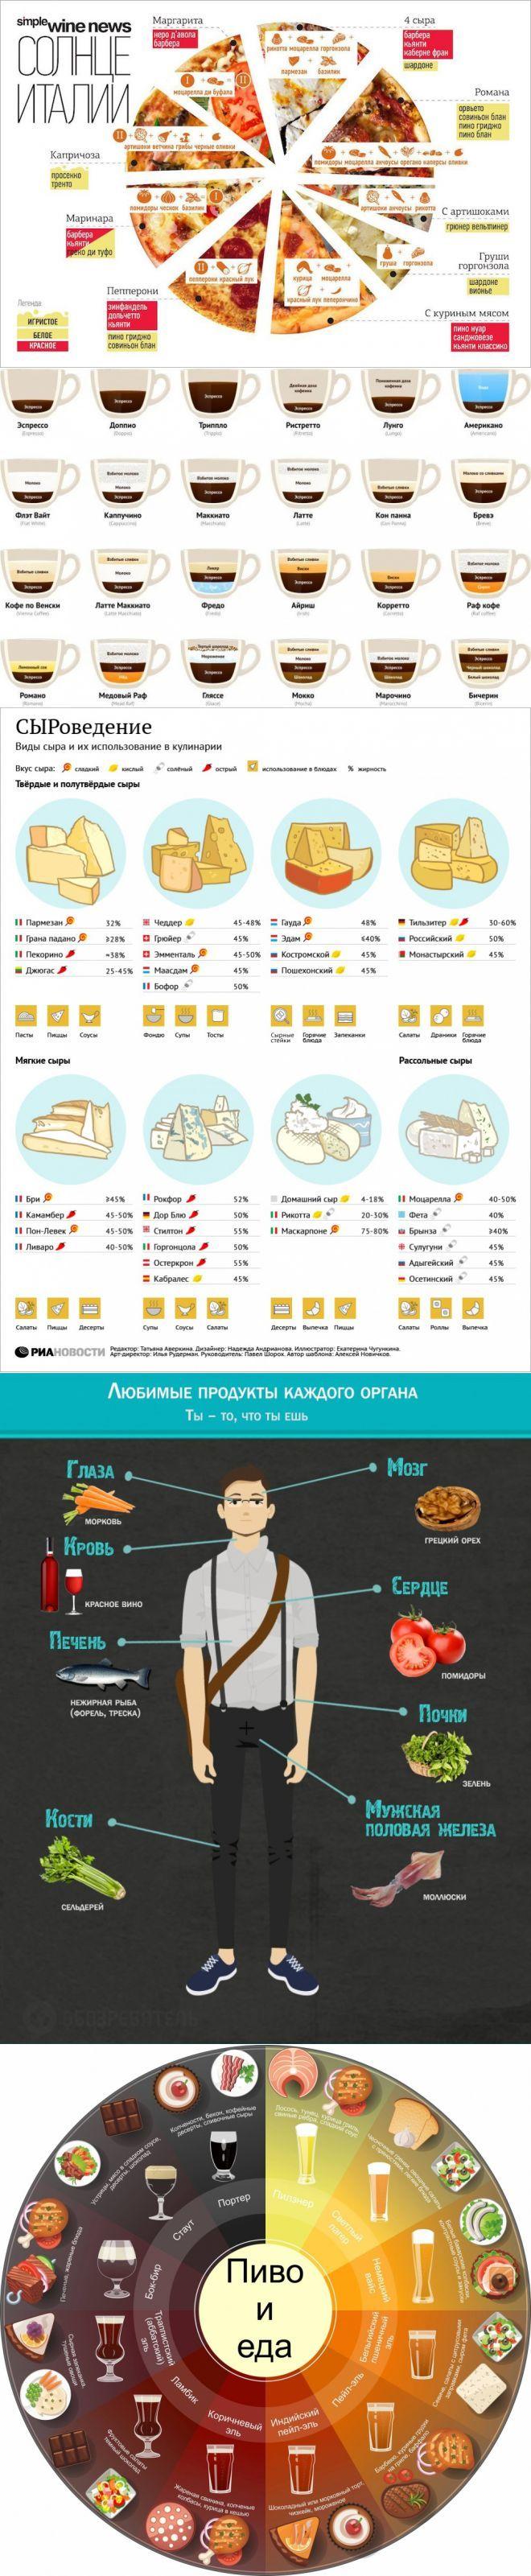 10 примеров полезной инфографики о еде | Доска №1 | Постила